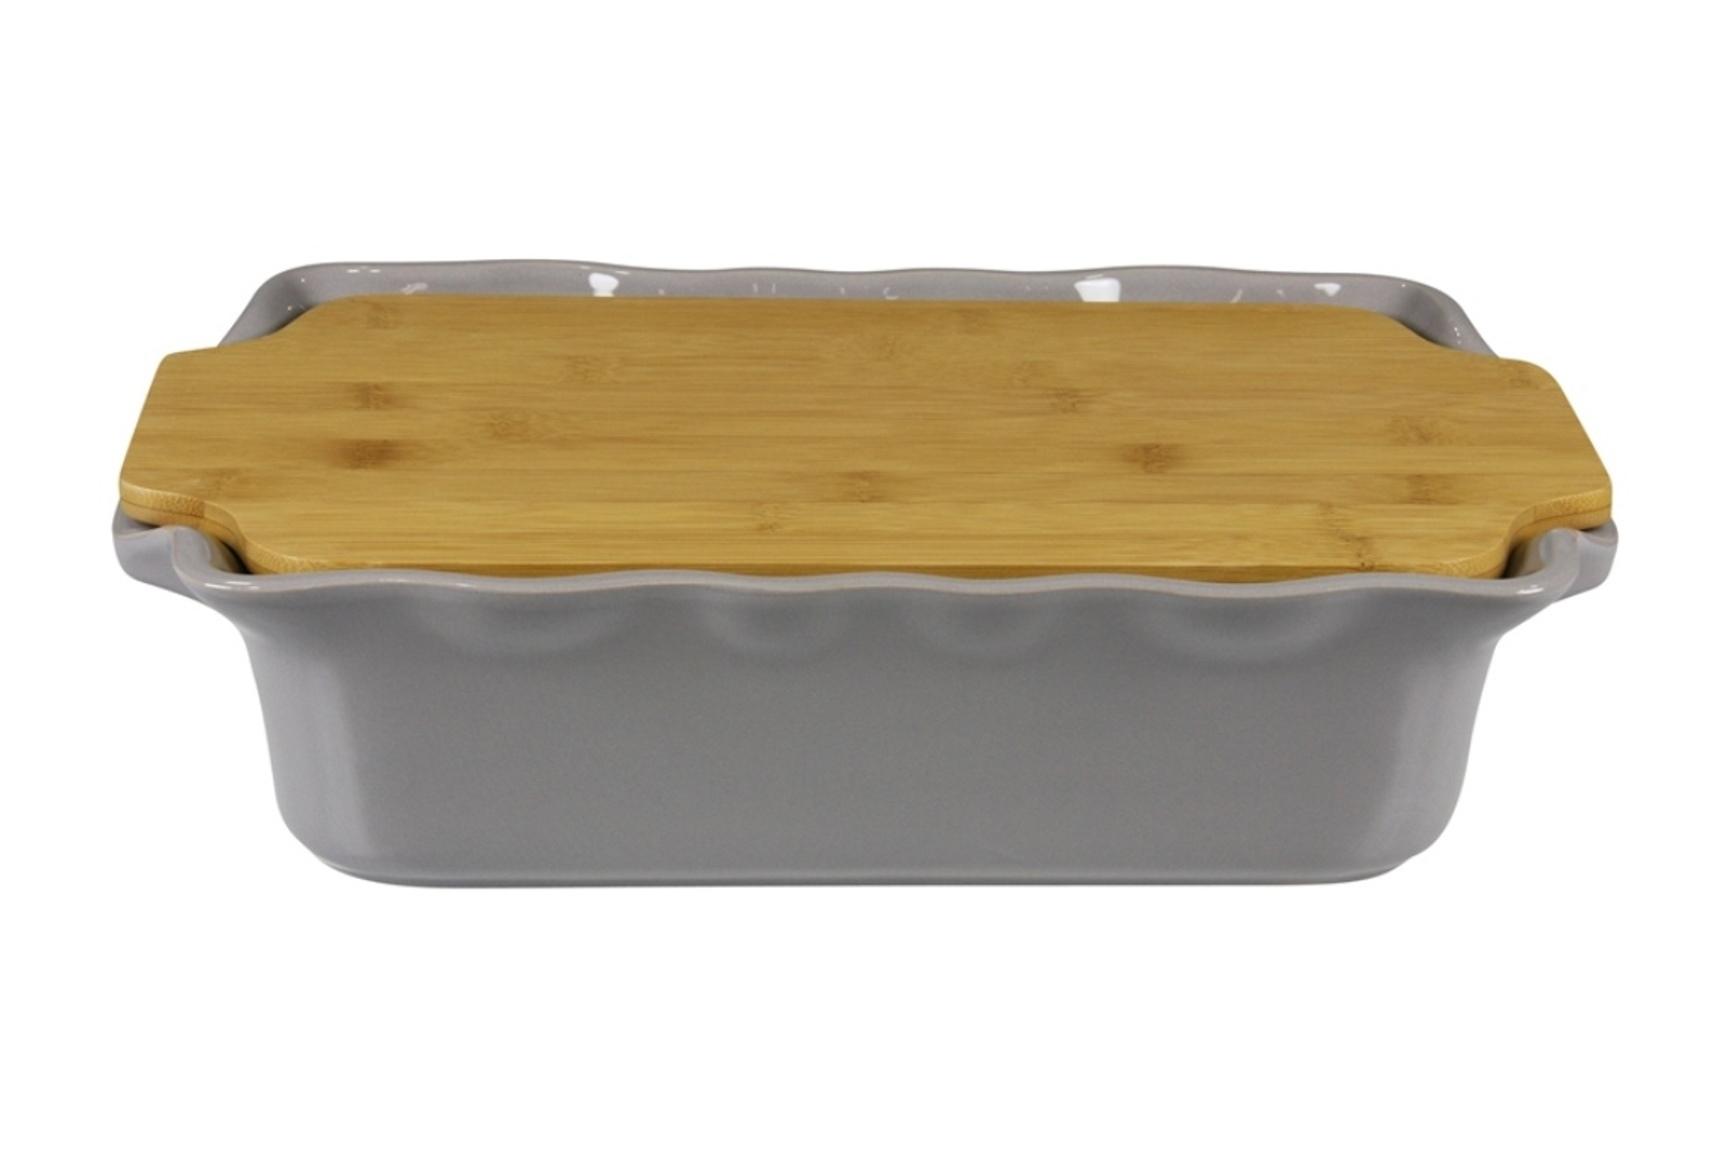 Форма с доской прямоугольная 37 см Appolia Cook&amp;Stock DARK GREY 131037006Формы для запекания (выпечки)<br>Форма с доской прямоугольная 37 см Appolia Cook&amp;Stock DARK GREY 131037006<br><br>В оригинальной коллекции Cook&amp;Stoock присутствуют мягкие цвета трех оттенков. Закругленные углы облегчают чистку. Легко использовать. Компактное хранение. В комплекте натуральные крышки из бамбука, которые можно использовать в качестве подставки, крышки и разделочной доски. Прочная жароустойчивая керамика экологична и изготавливается из высококачественной глины. Прочная глазурь устойчива к растрескиванию и сколам, не содержит свинца и кадмия. Глина обеспечивает медленный и равномерный нагрев, деликатное приготовление с сохранением всех питательных веществ и витаминов, а та же долго сохраняет тепло, что удобно при сервировке горячих блюд.<br>